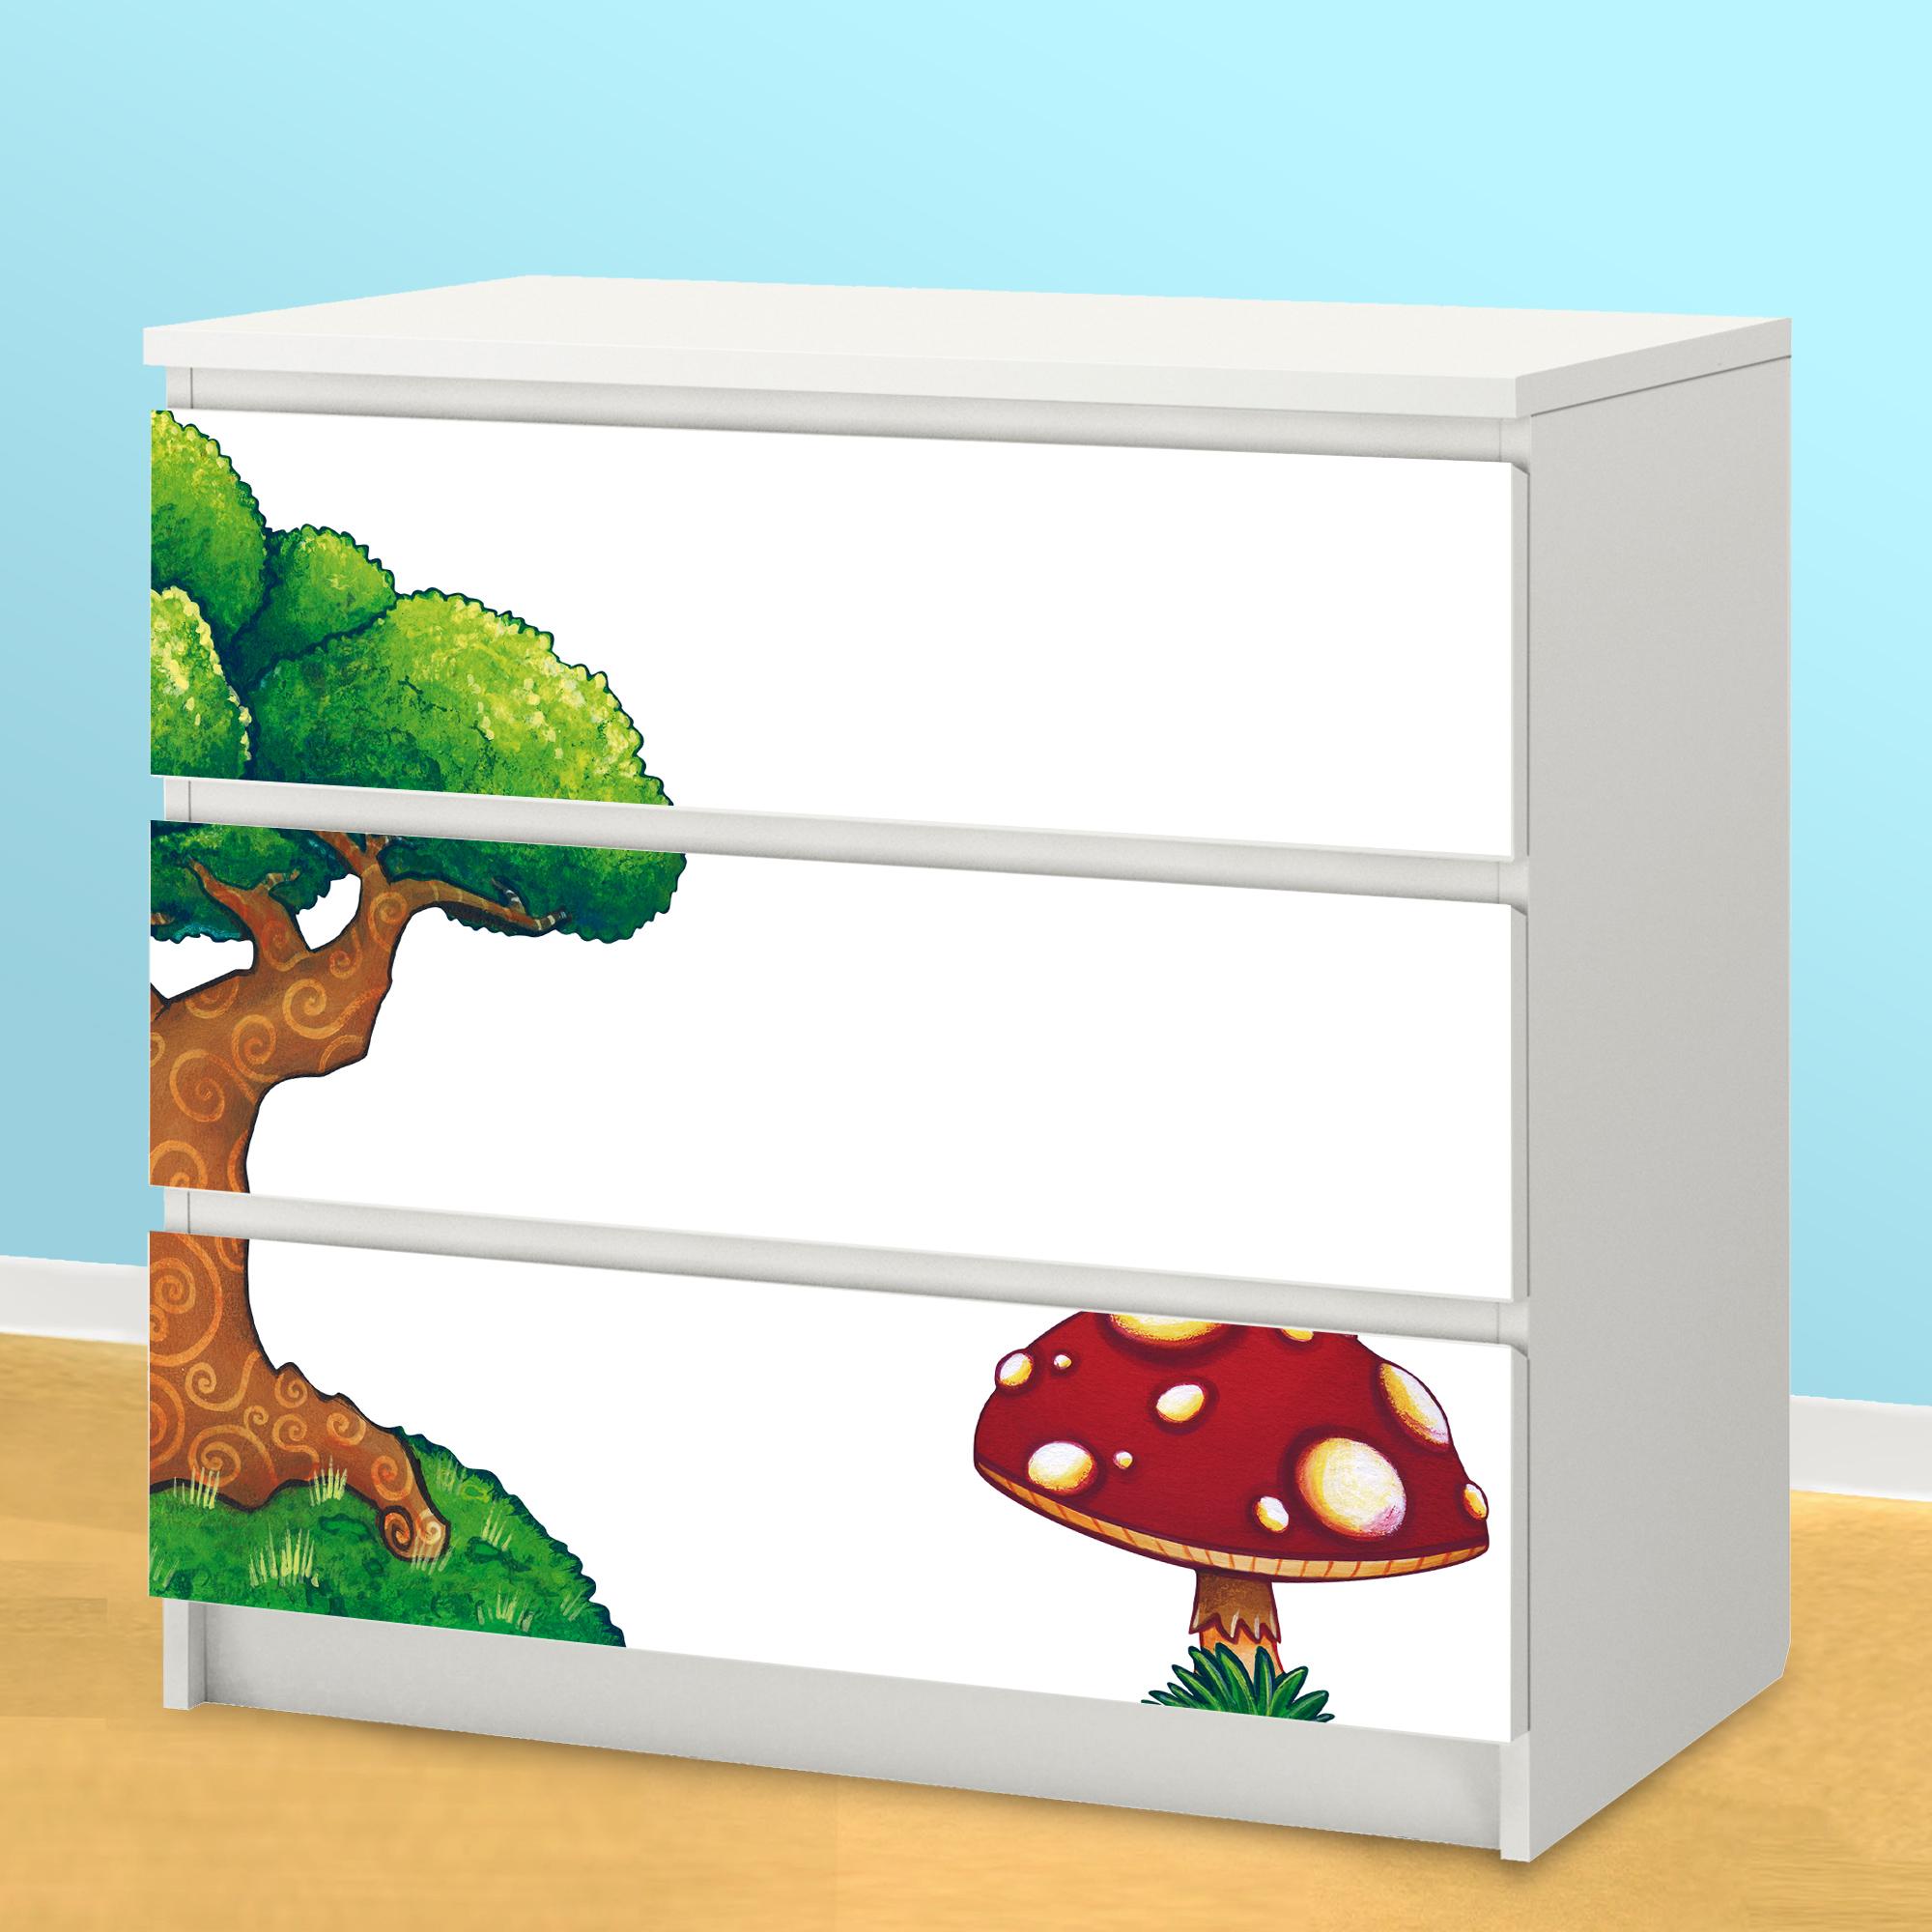 Decorazioni Adesive Per Ante Armadio.Adesivi Per Decorare I Mobili Dei Bambini Leostickers